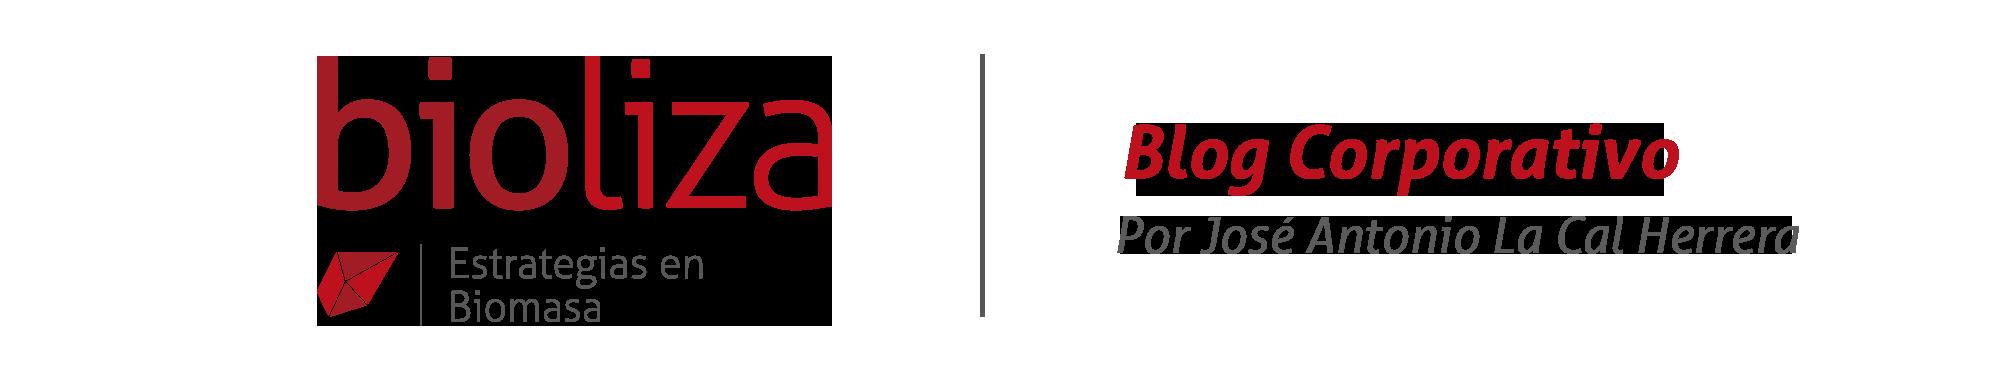 Bioliza Blog Corporativo